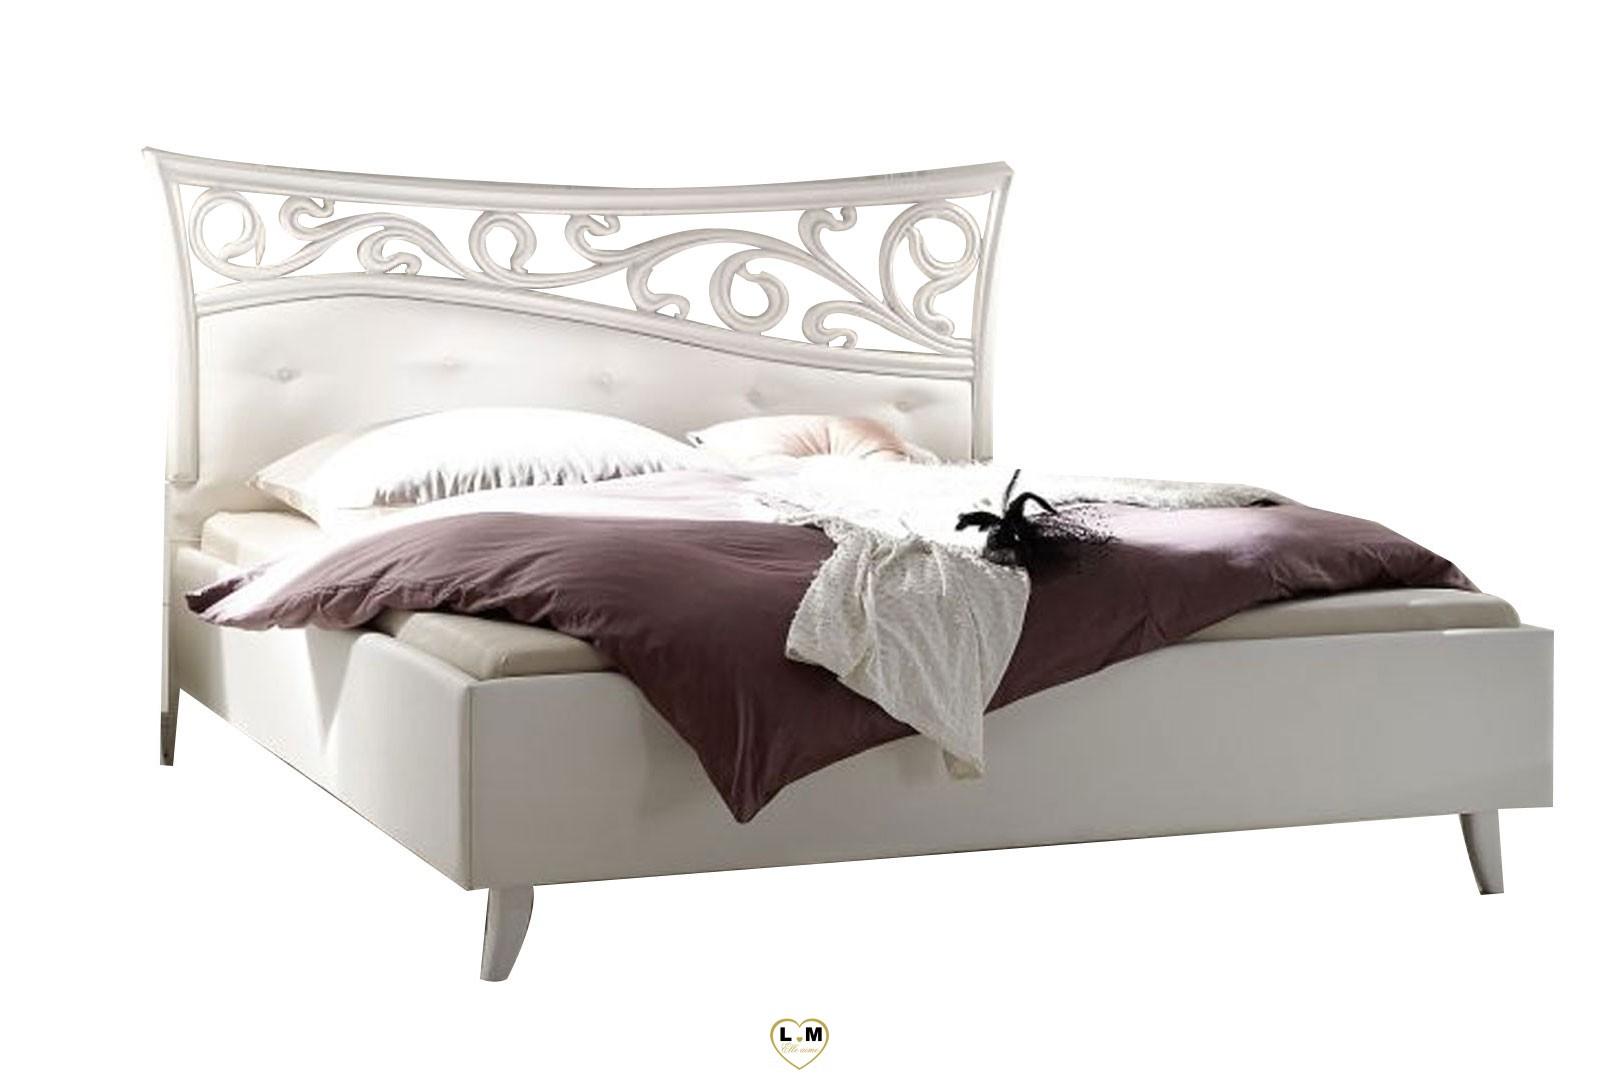 lenny blanc mat chambre a coucher design le lit 180. Black Bedroom Furniture Sets. Home Design Ideas